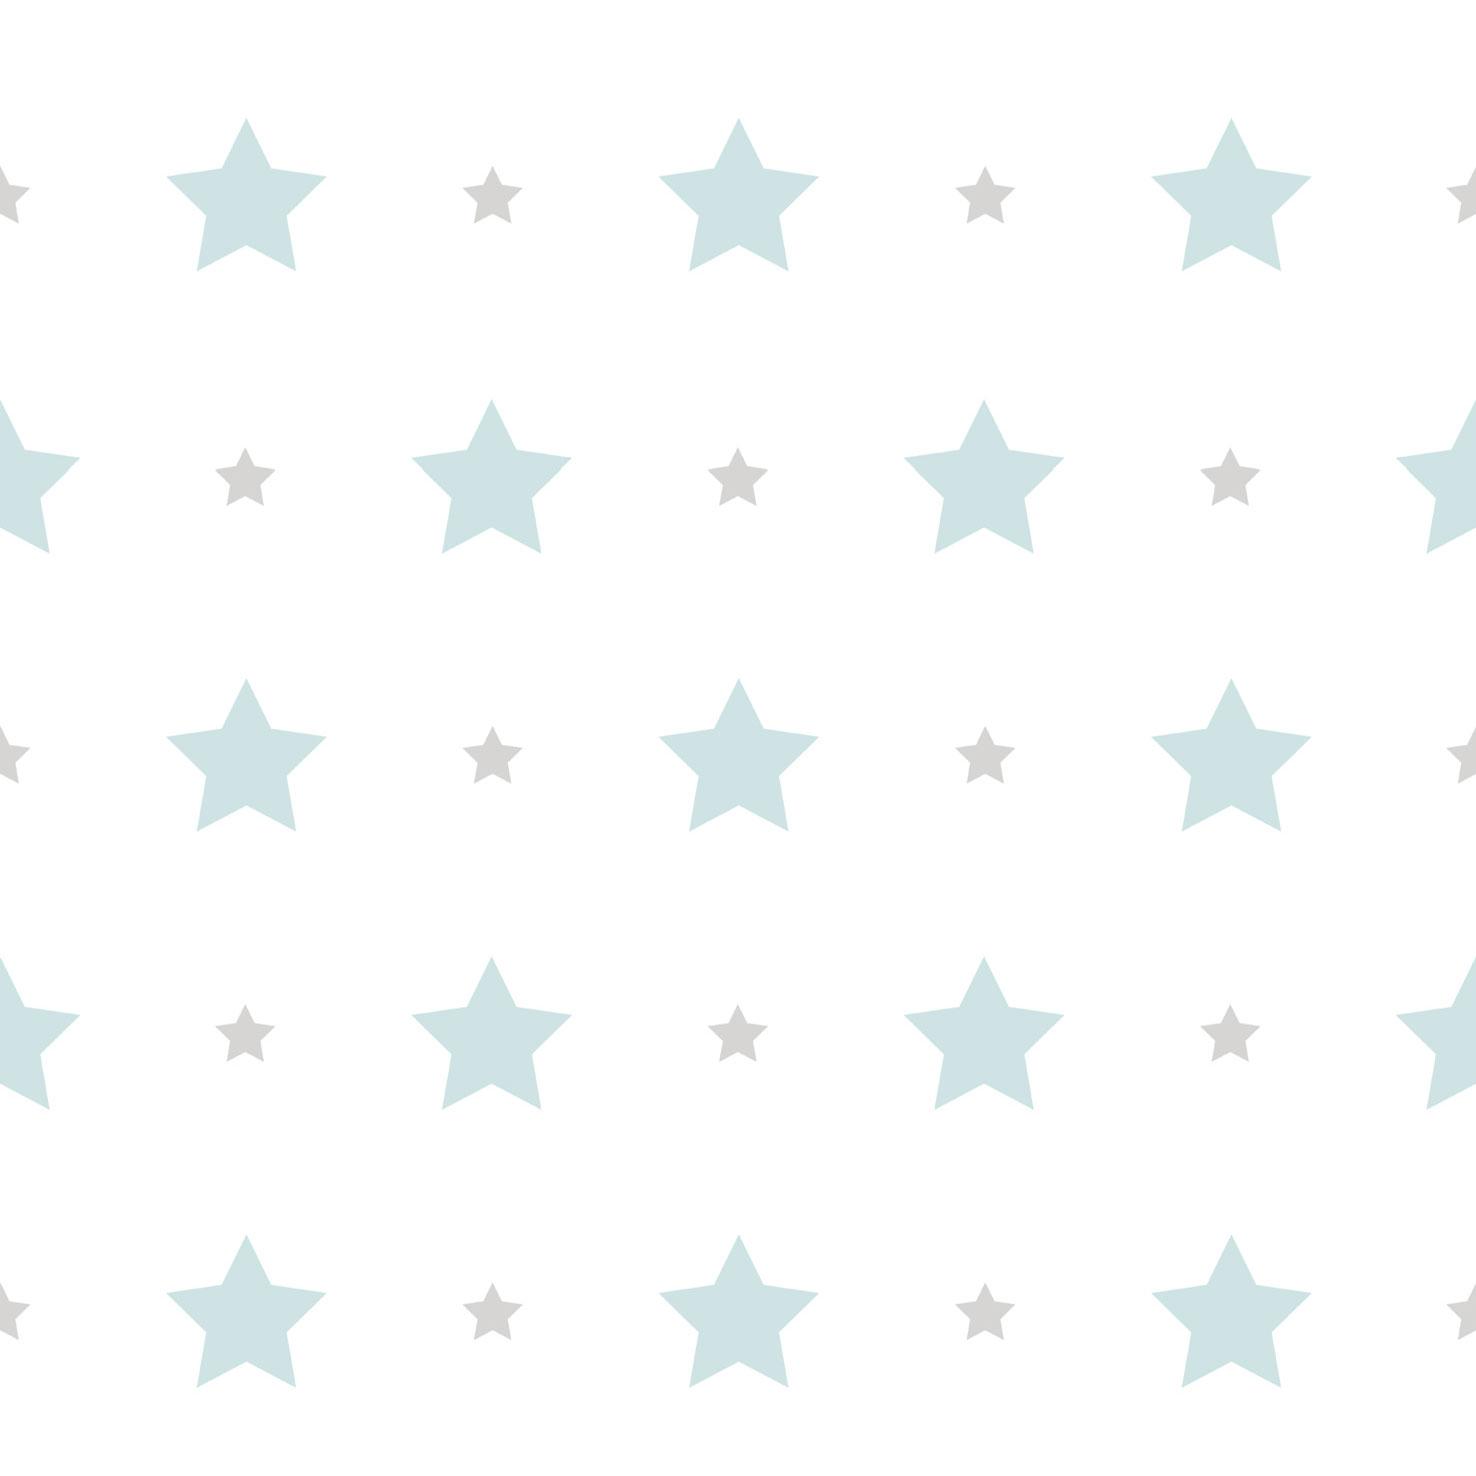 tapete kinder sterne stern rasch textil wei blau 330150